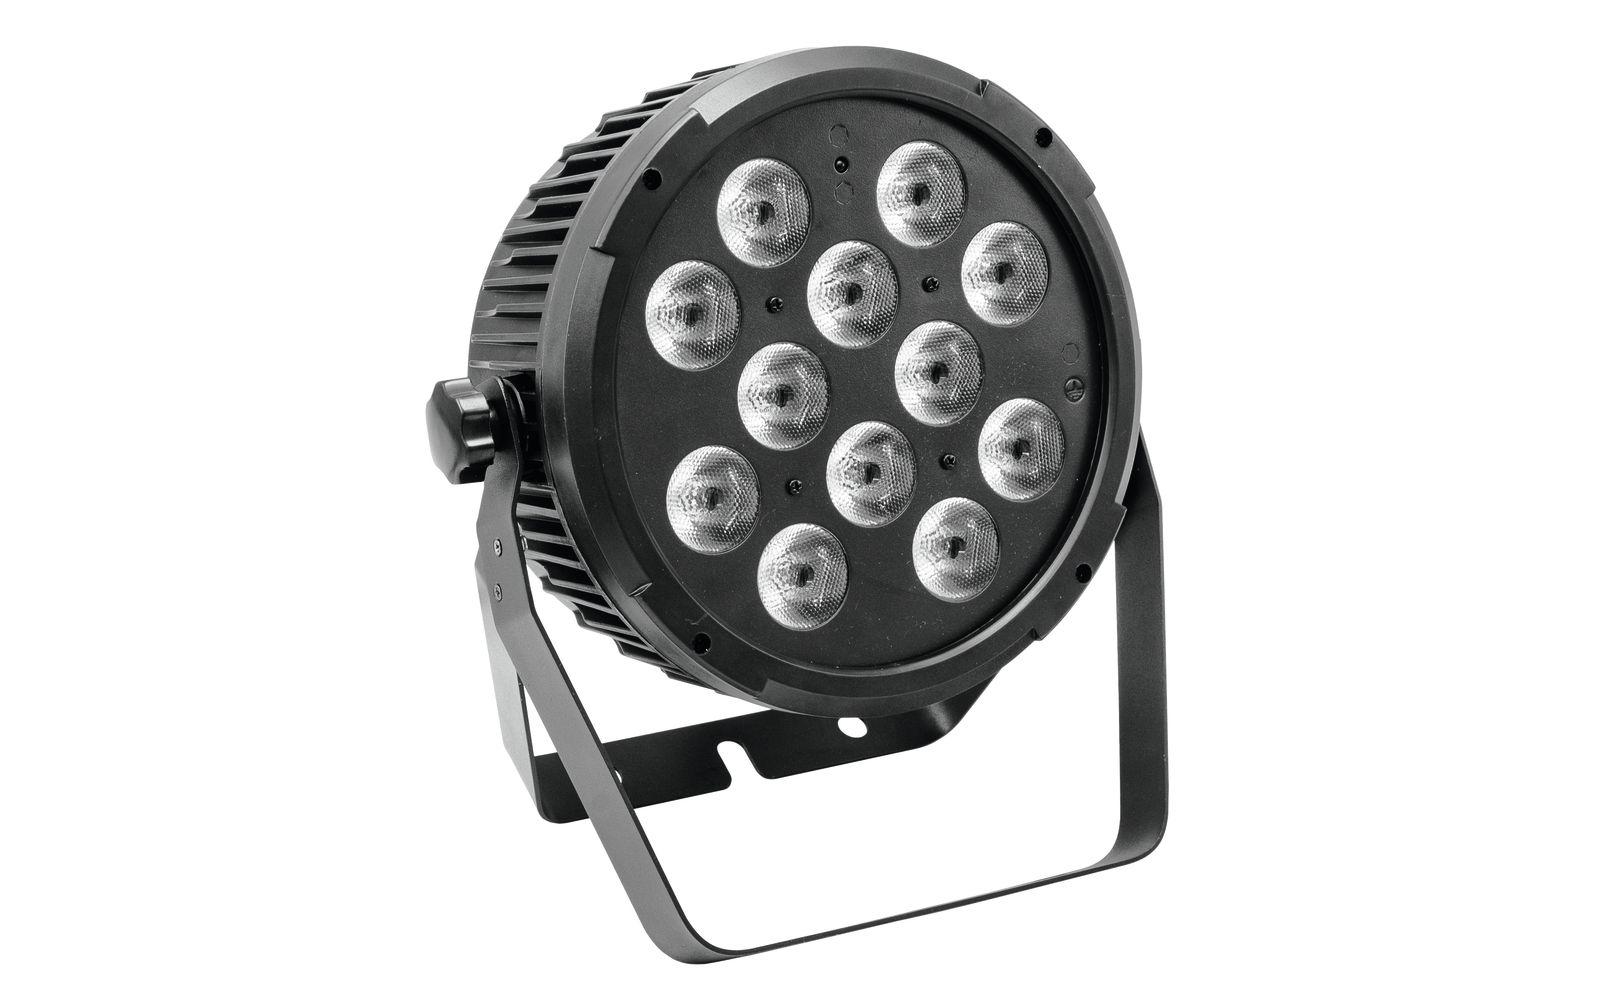 eurolite-led-sls-12-hcl-mk2-floor